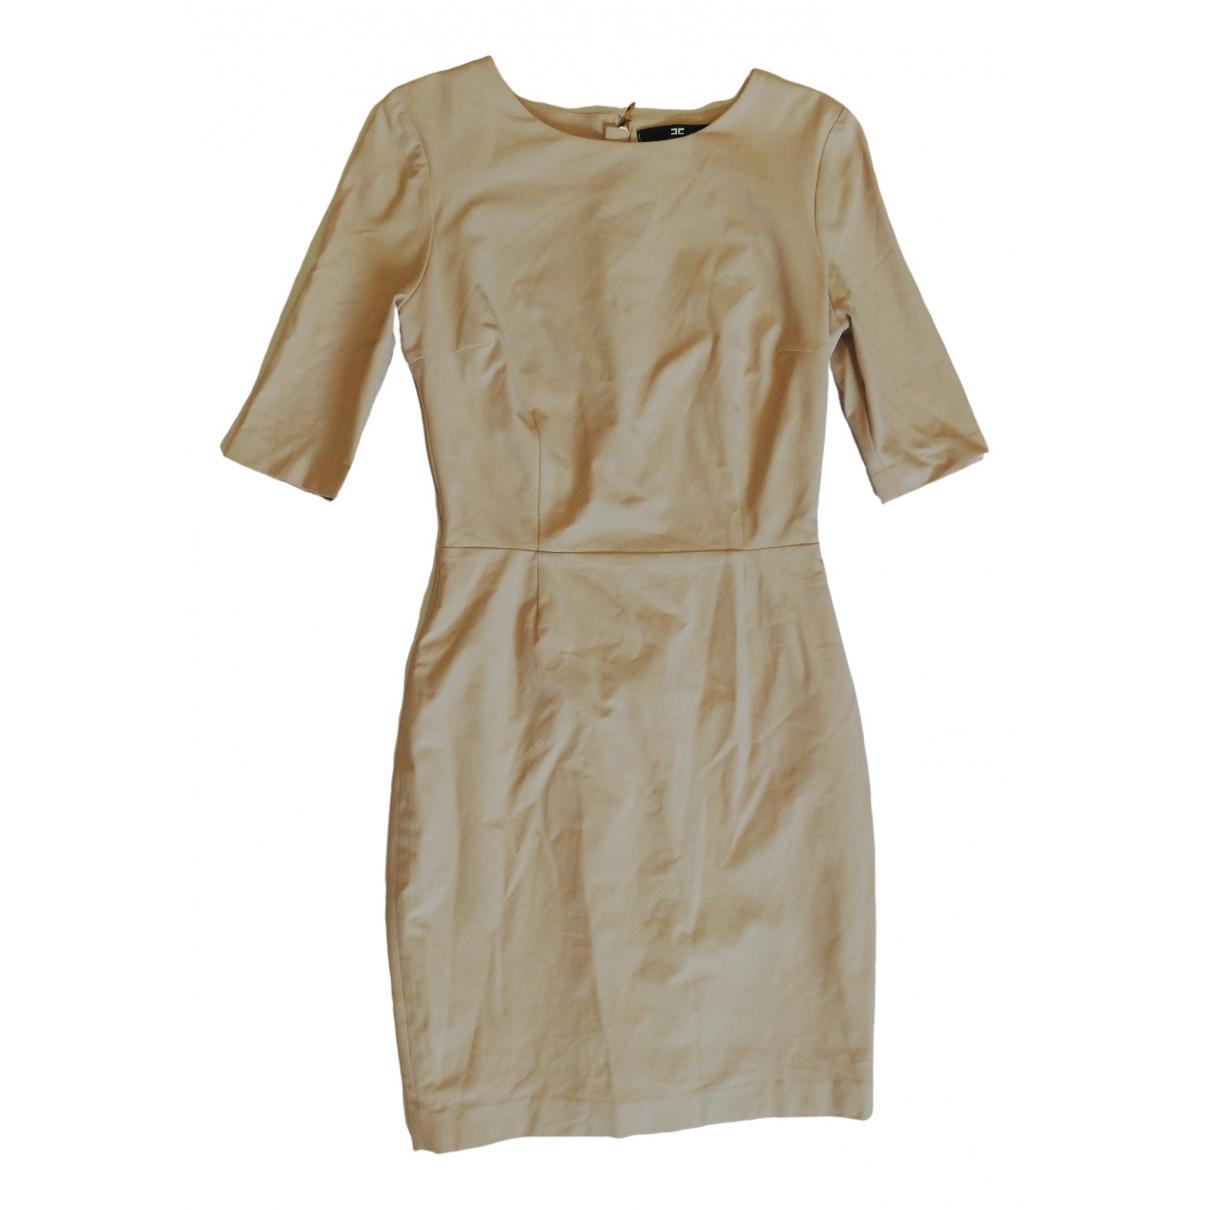 Elisabetta Franchi \N Beige dress for Women 44 IT